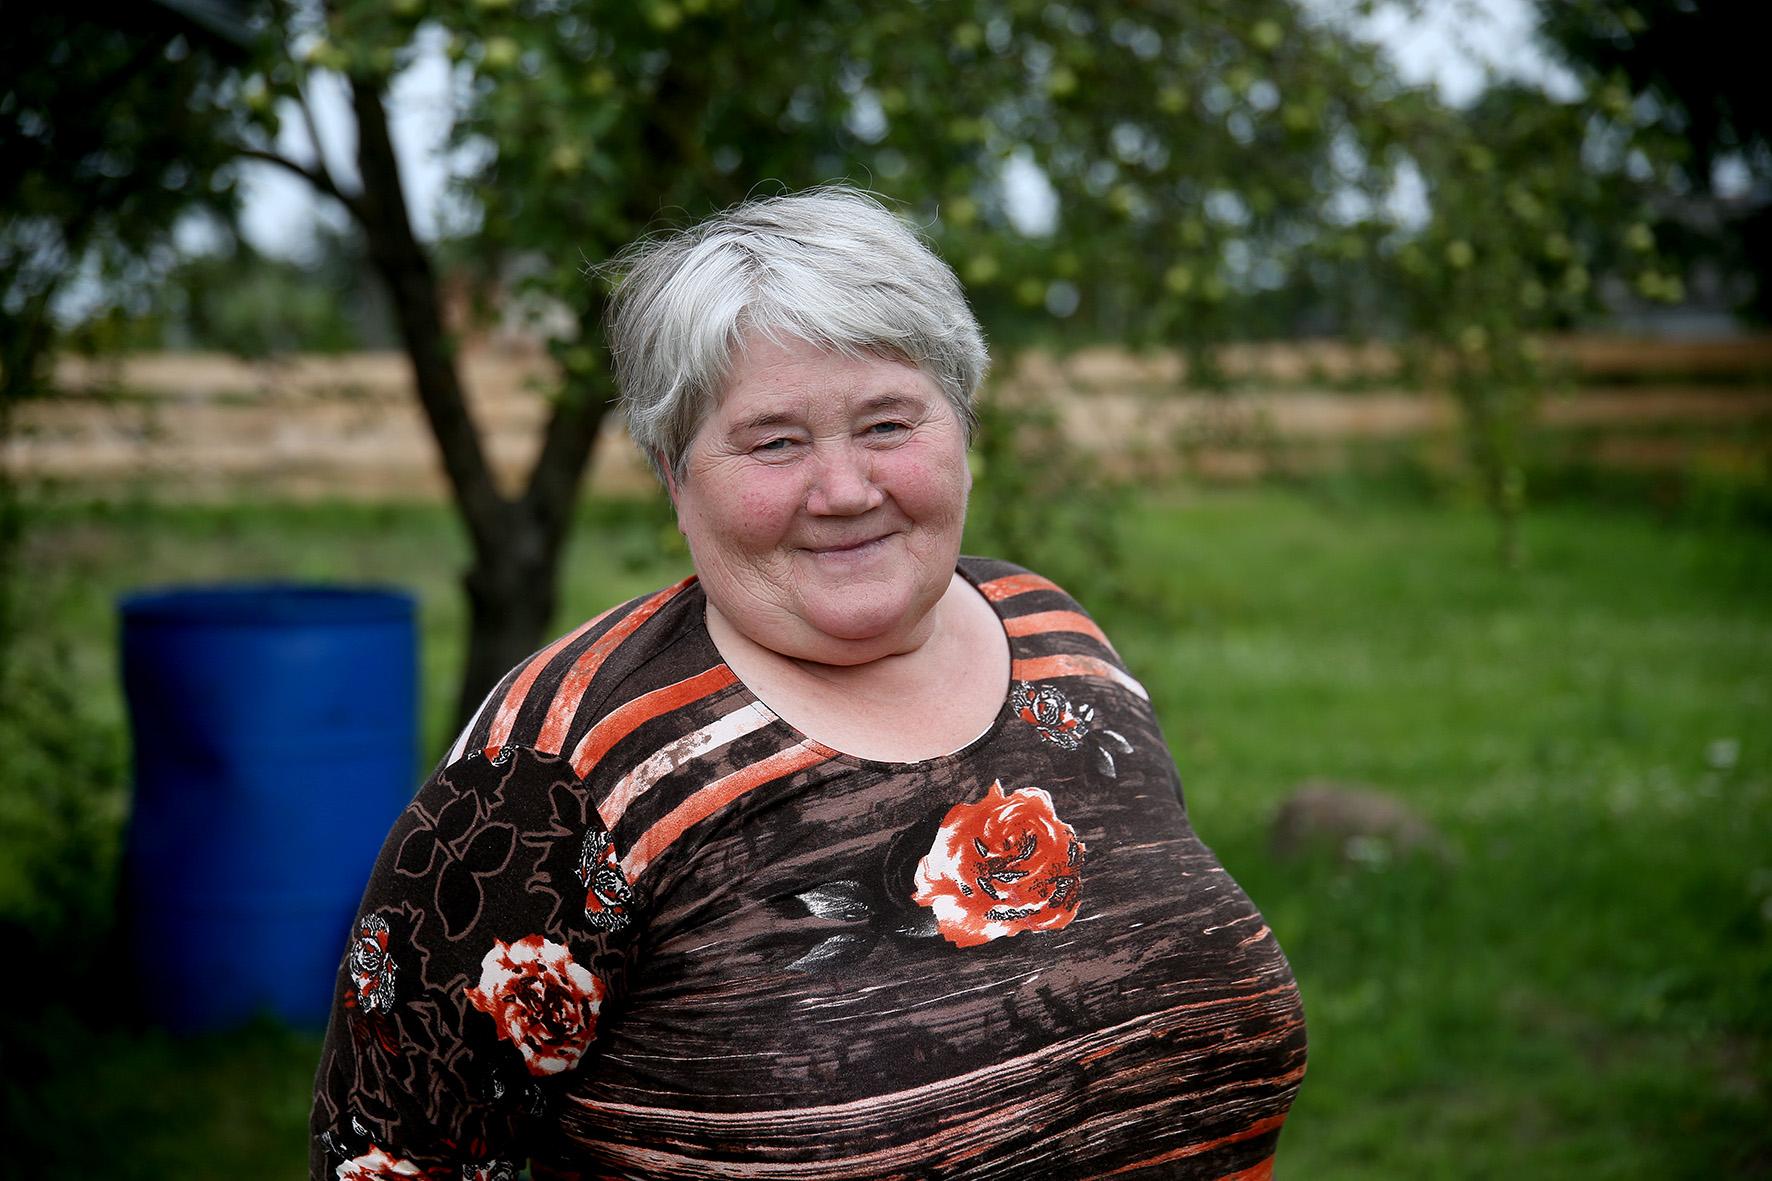 Apžiūrėję sudegusį namą patraukiame toliau ir sutinkame kieme besidarbuojančią ponią  Njolę, kuri yra gimusi ir augusi šiame kaime. A. Barzdžiaus nuotr.